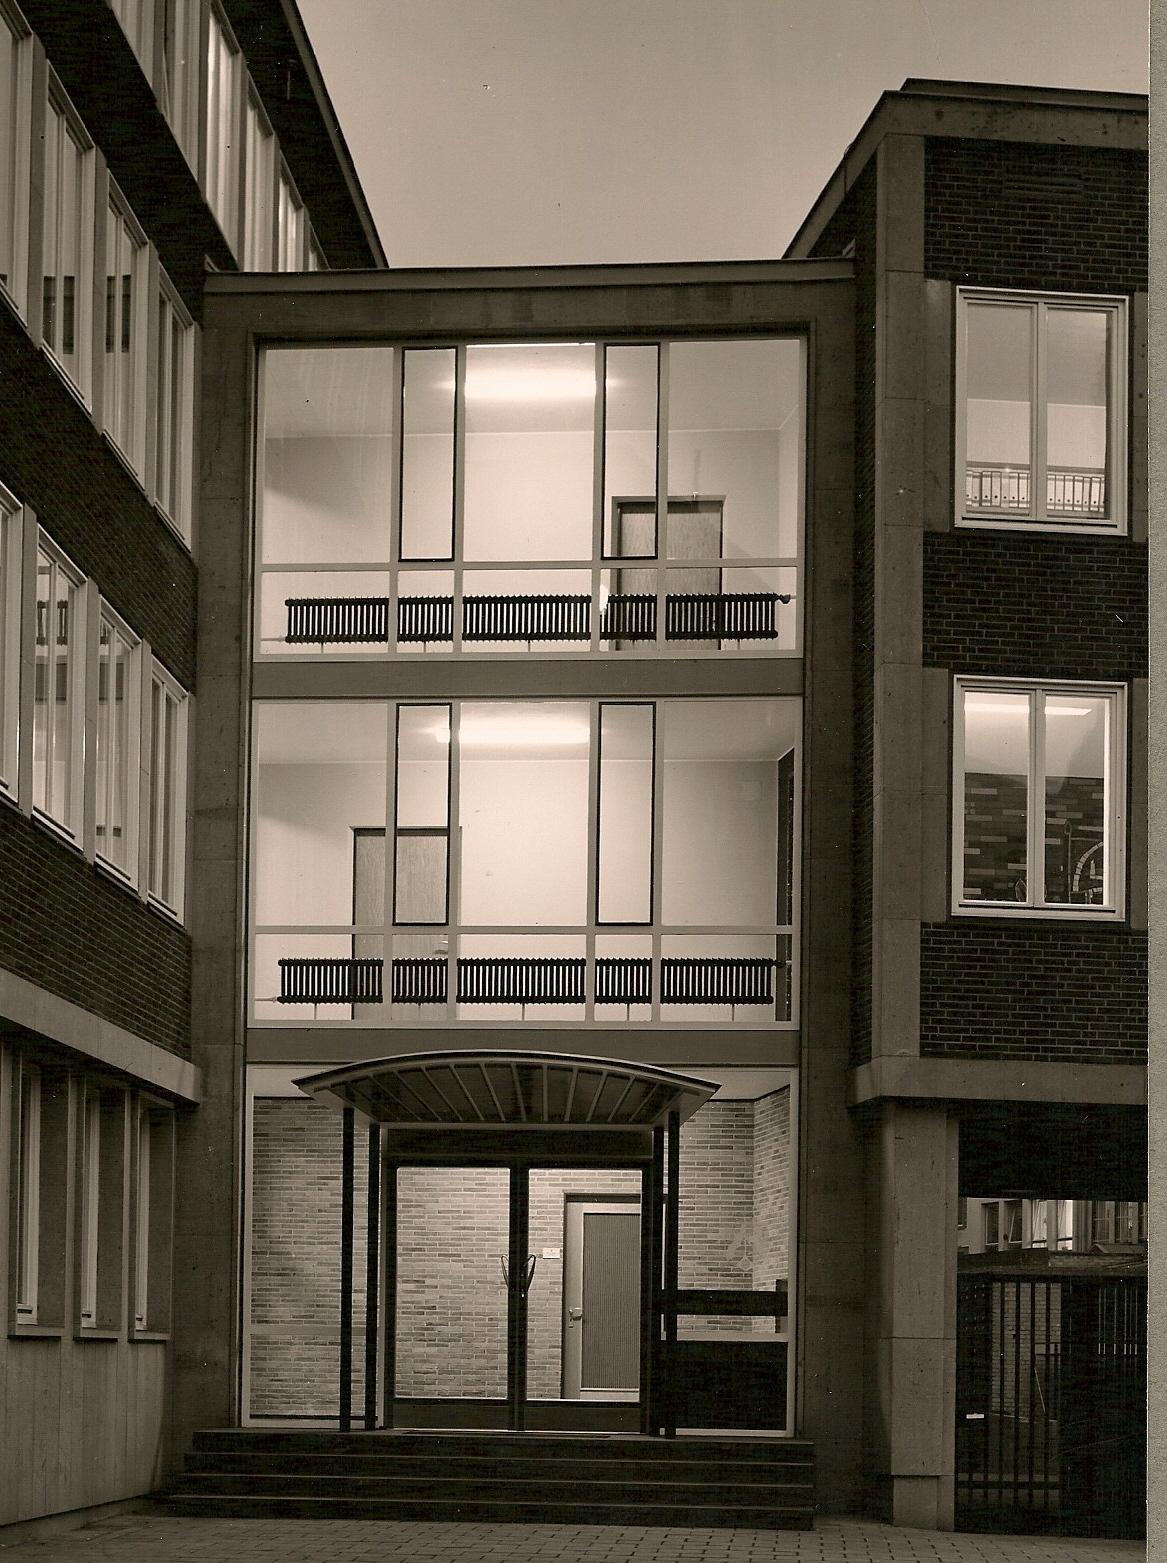 file neues beh rdenhaus am alten steinweg in m nster 1959 eingang. Black Bedroom Furniture Sets. Home Design Ideas